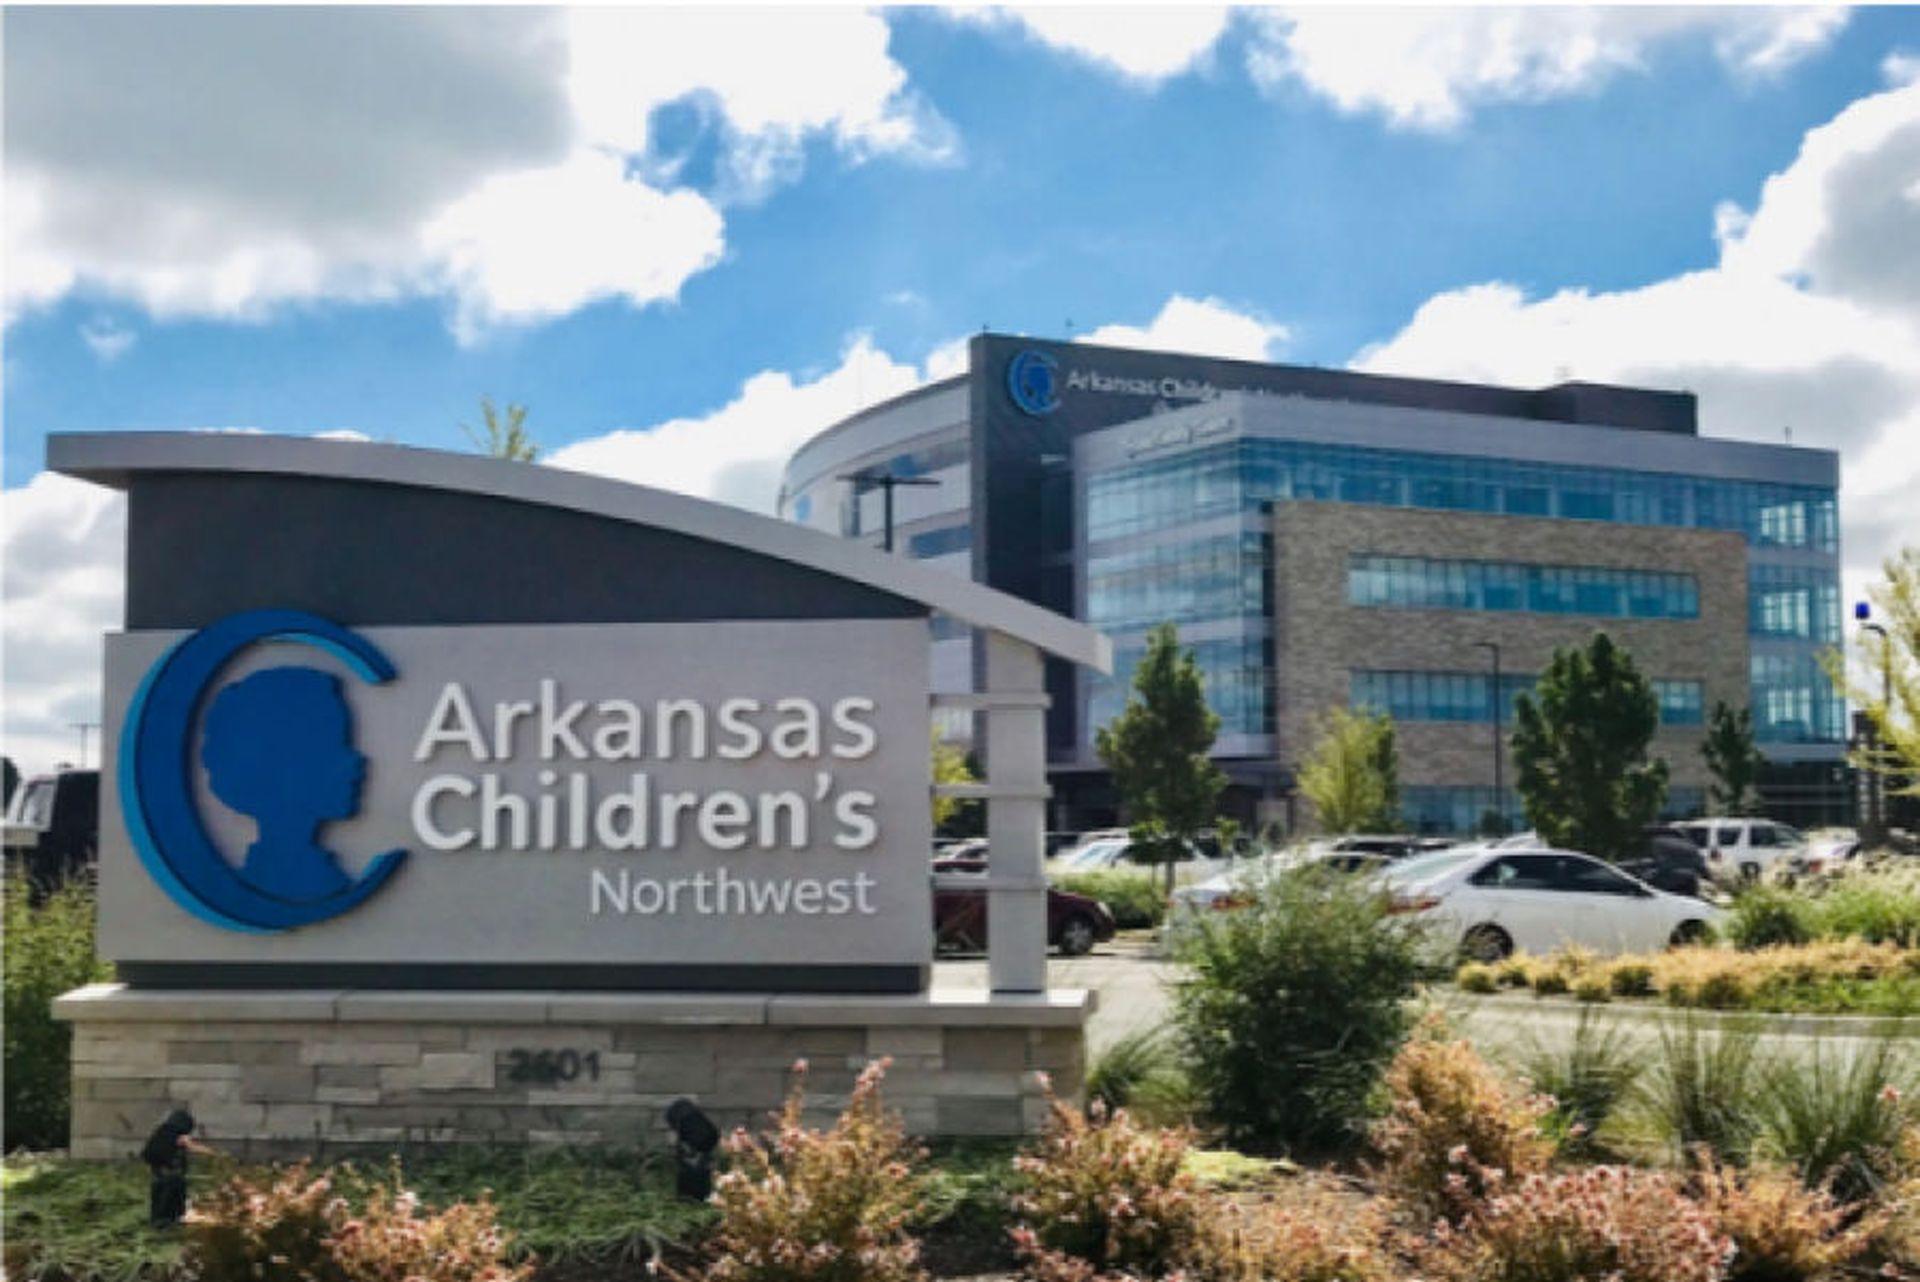 Arkansas Children's Hospital using Autodesk for CMMS